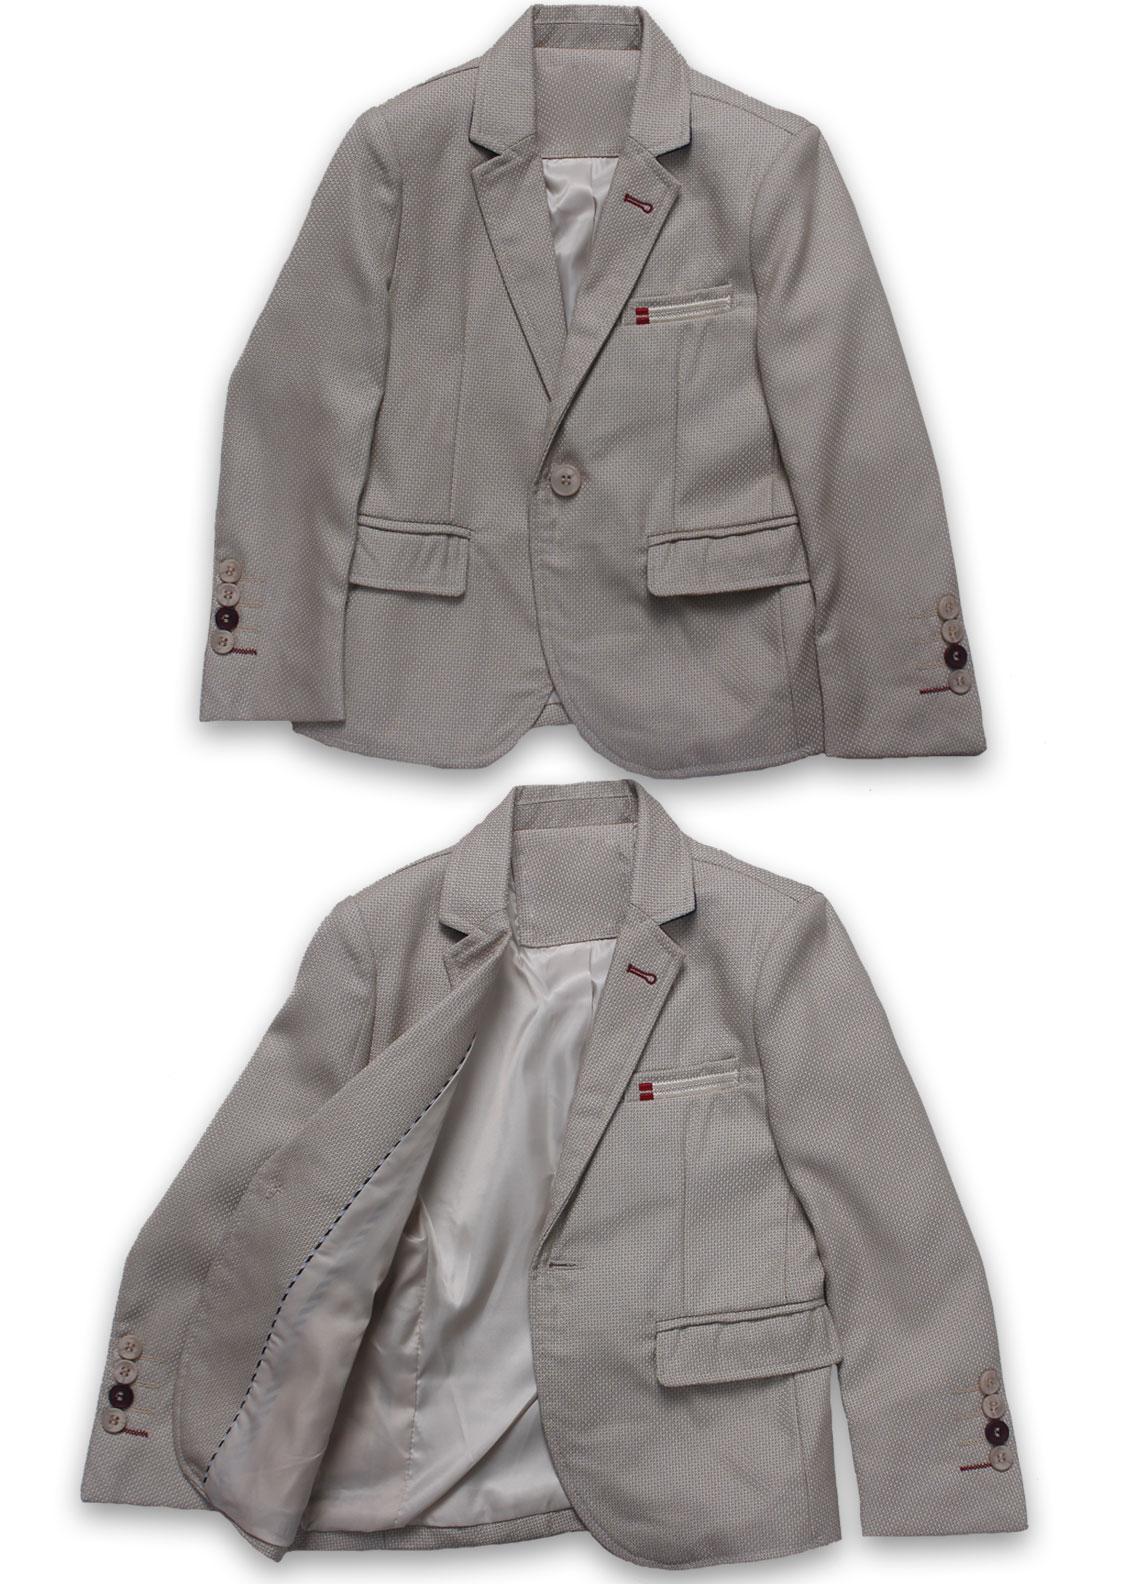 Sanaulla Exclusive Range Cotton Formal Boys Coat Suit -  BN03S Fawn